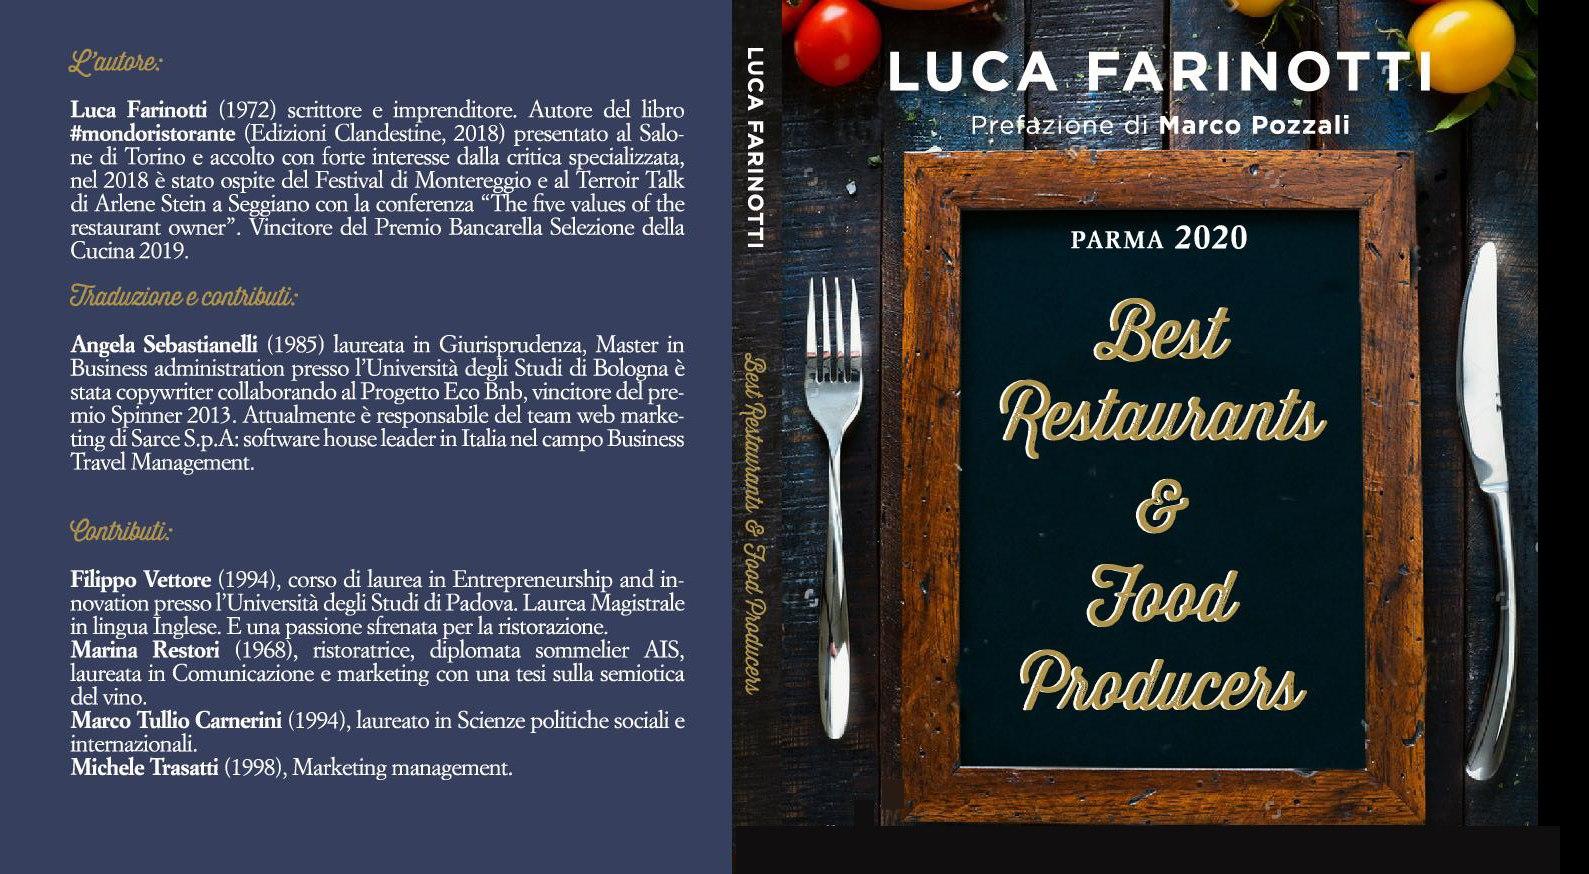 Copertina nuovo romanzo di Luca Farinotti